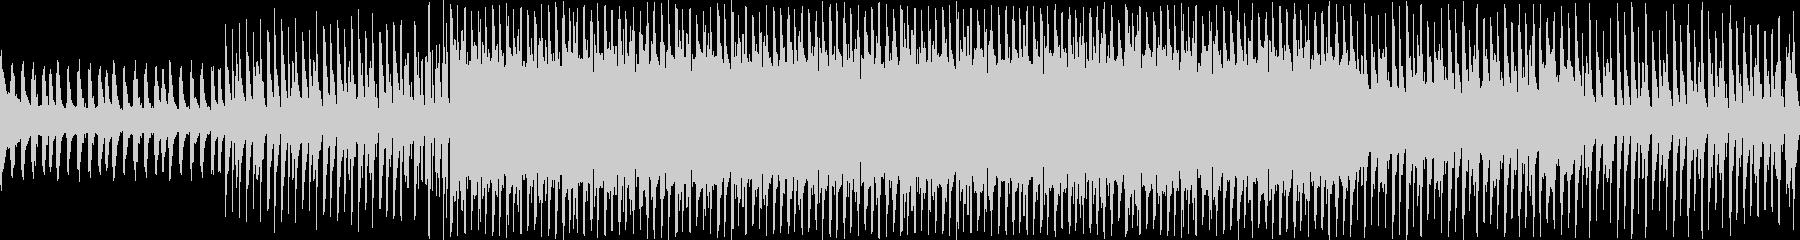 ピアノとシンセリードのおしゃれなループ曲の未再生の波形